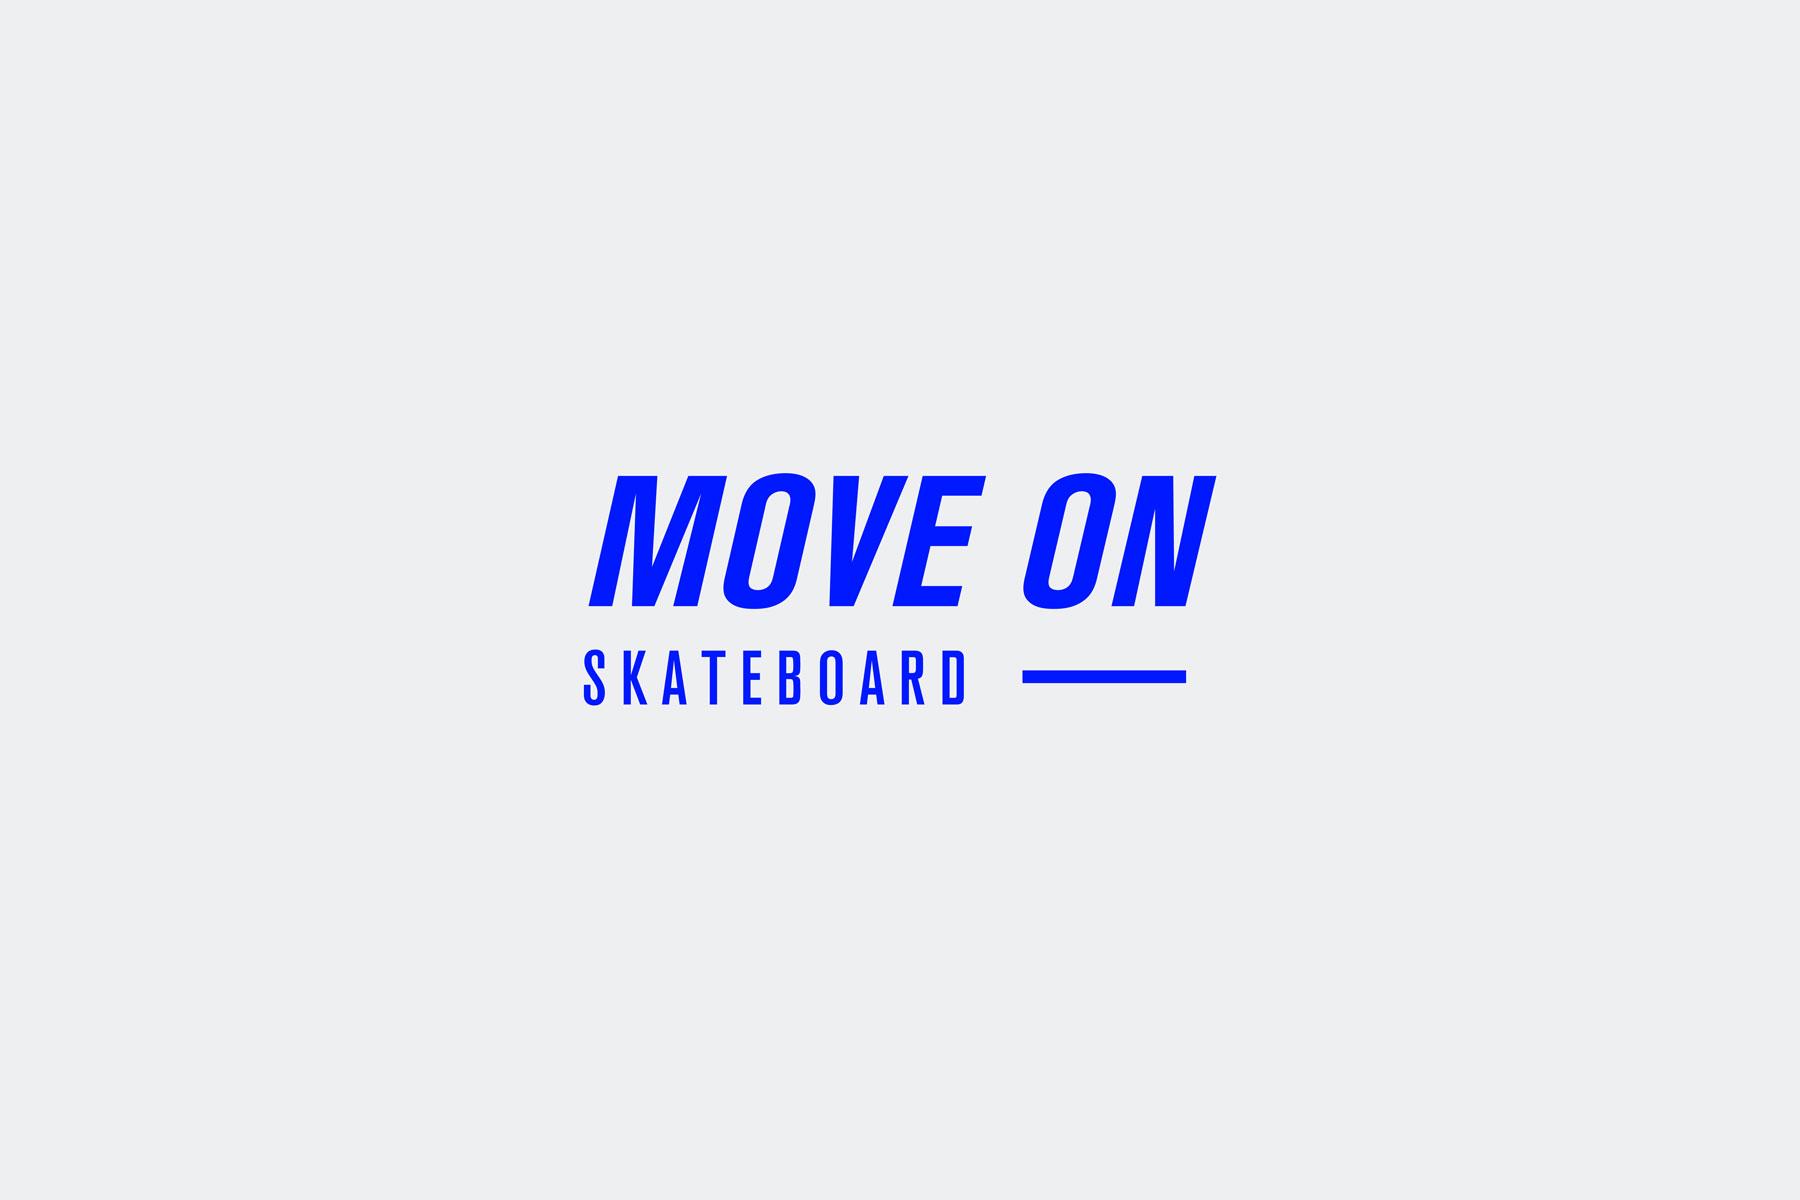 diseño logotipo skateboard azul positivo